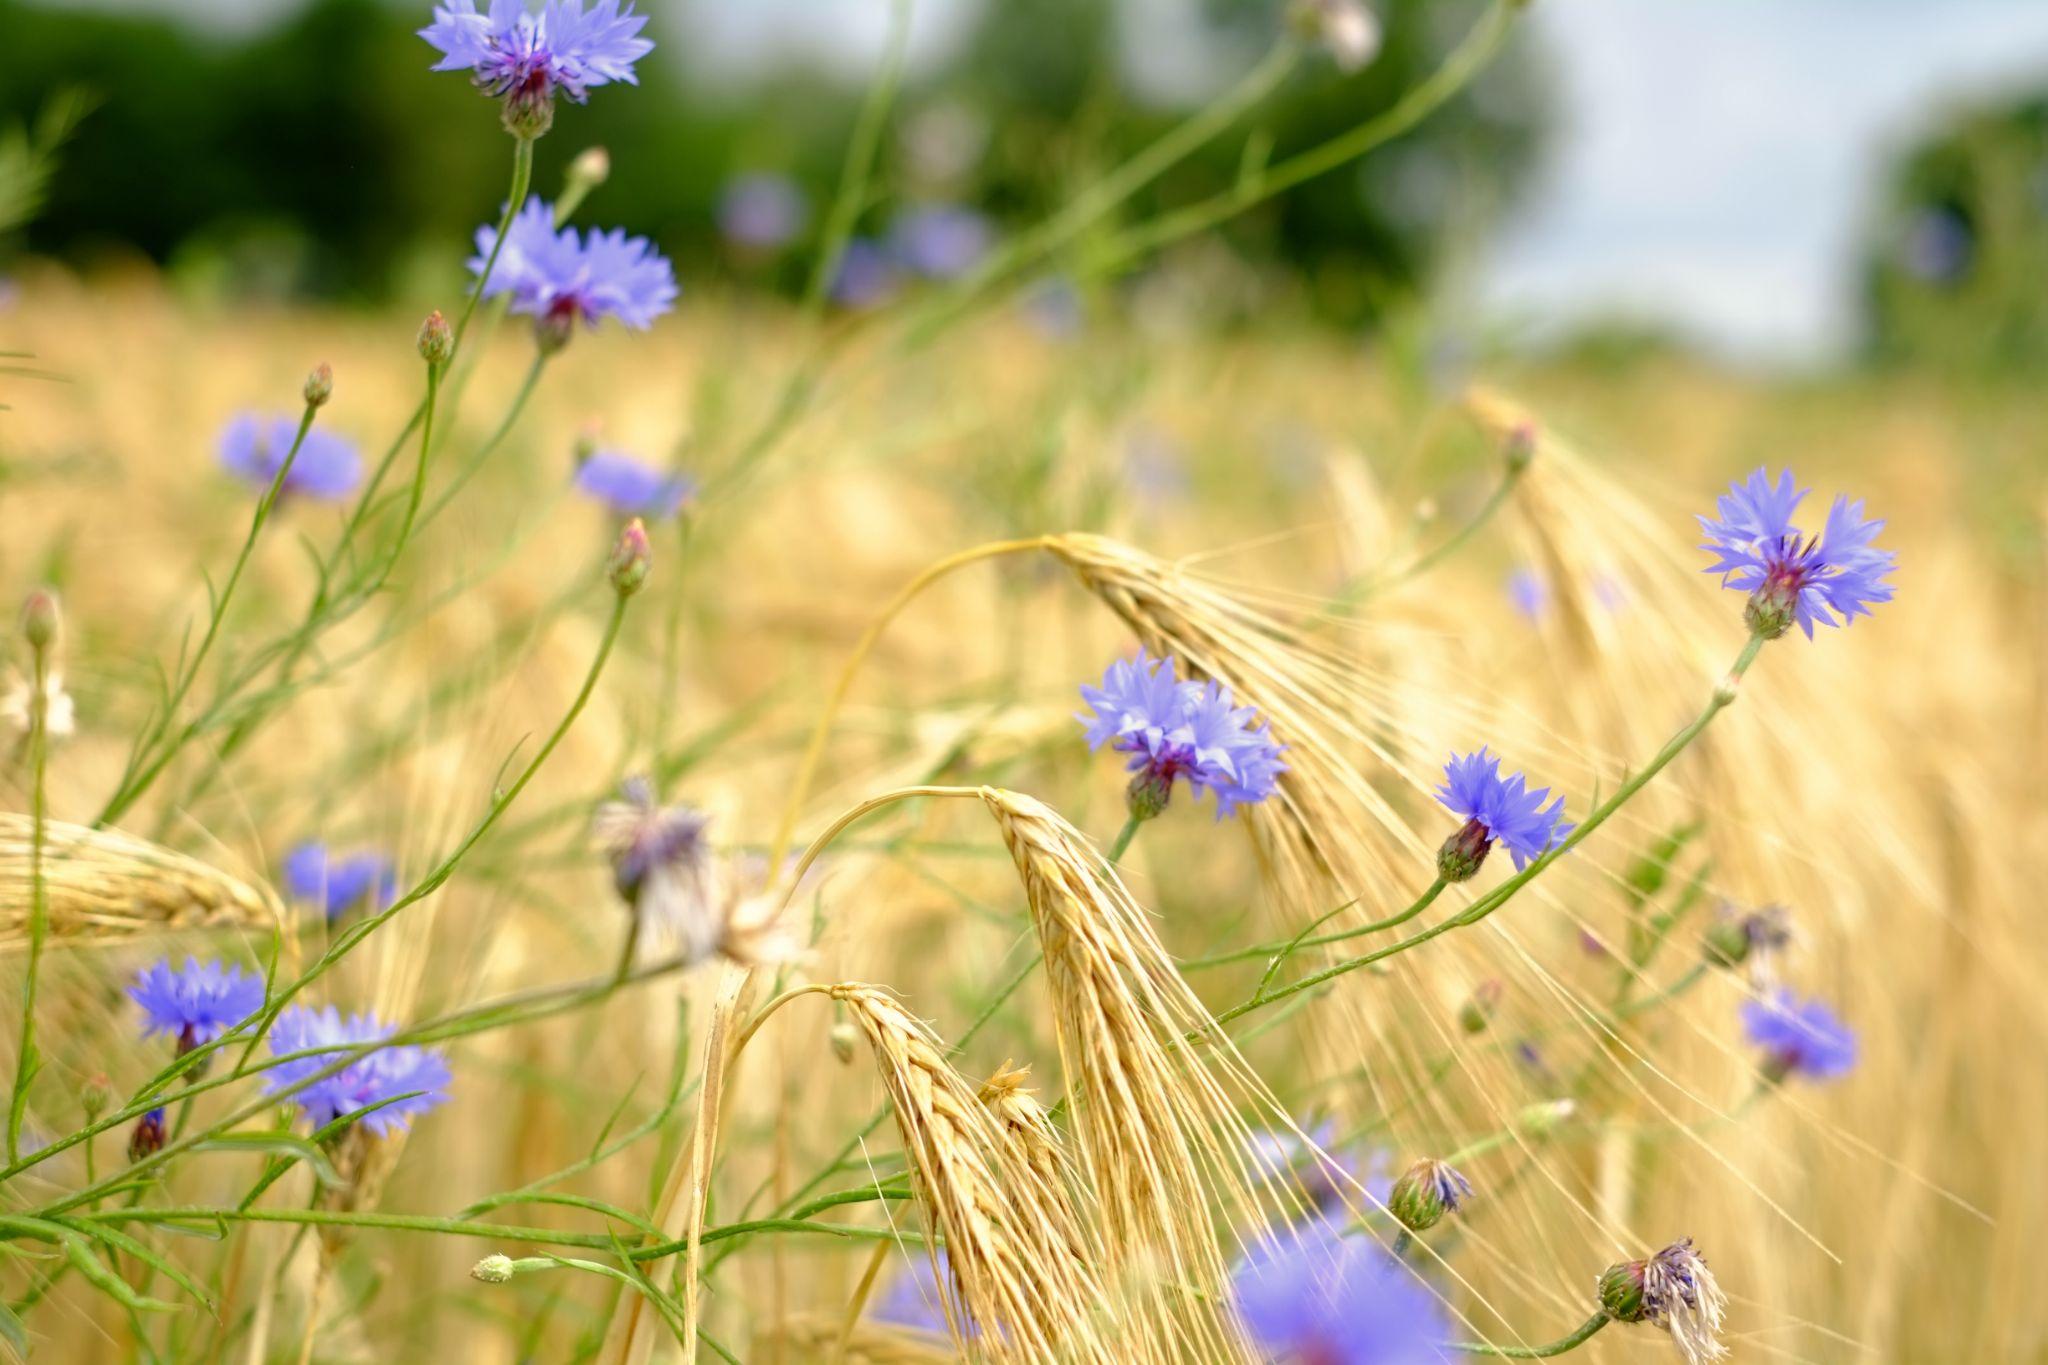 Grain & Flowers by peterkryzun